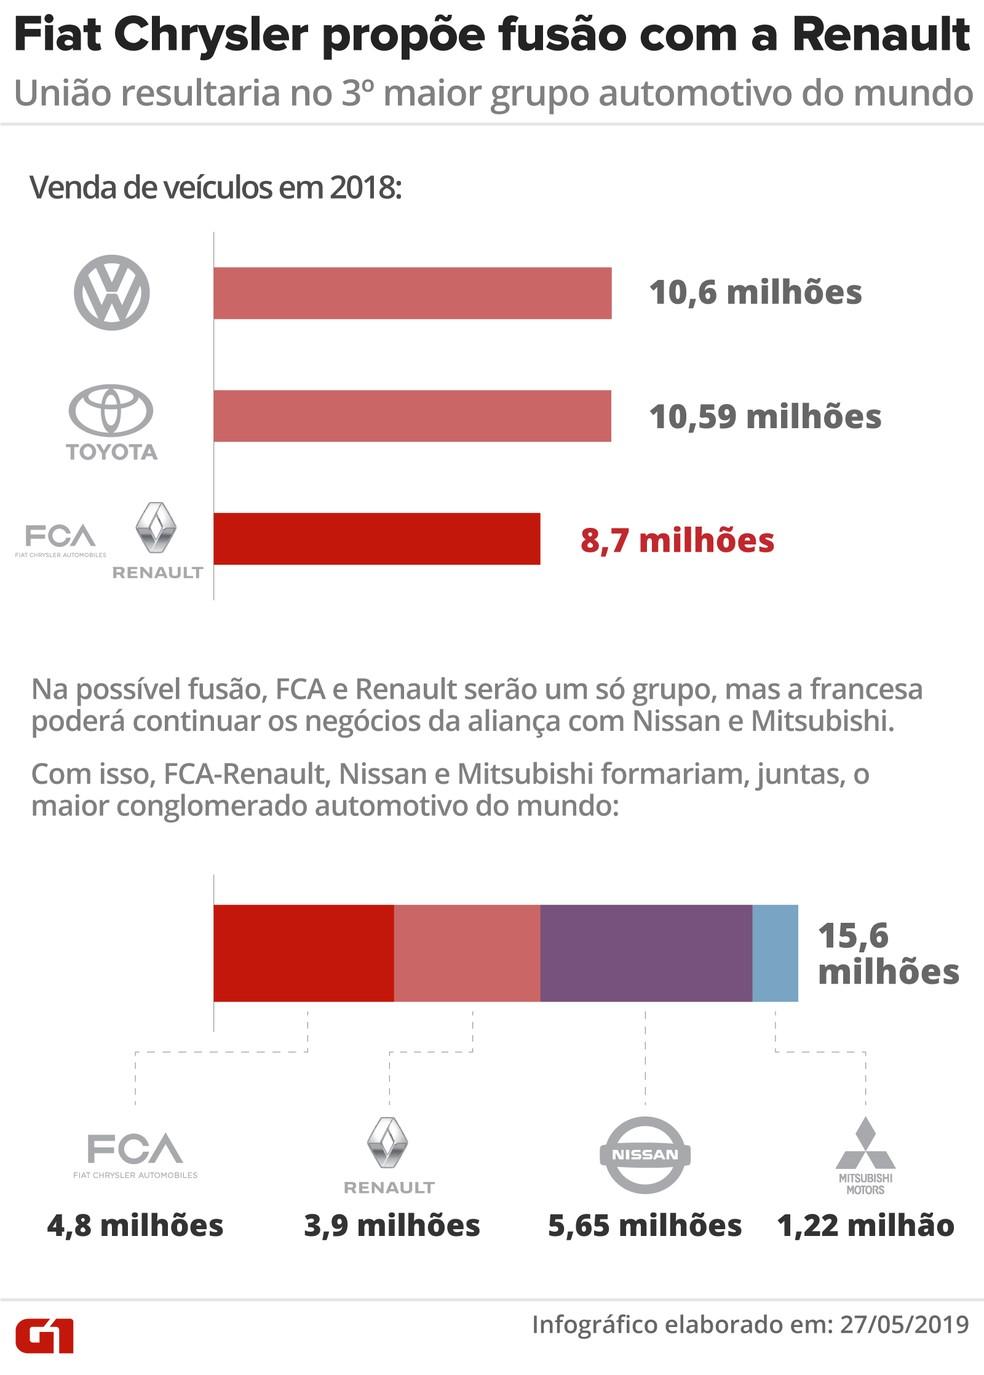 Fusão entre FCA e Renault formaria nova 'gigante' do setor automotivo — Foto: Rodrigo Sanchez/G1